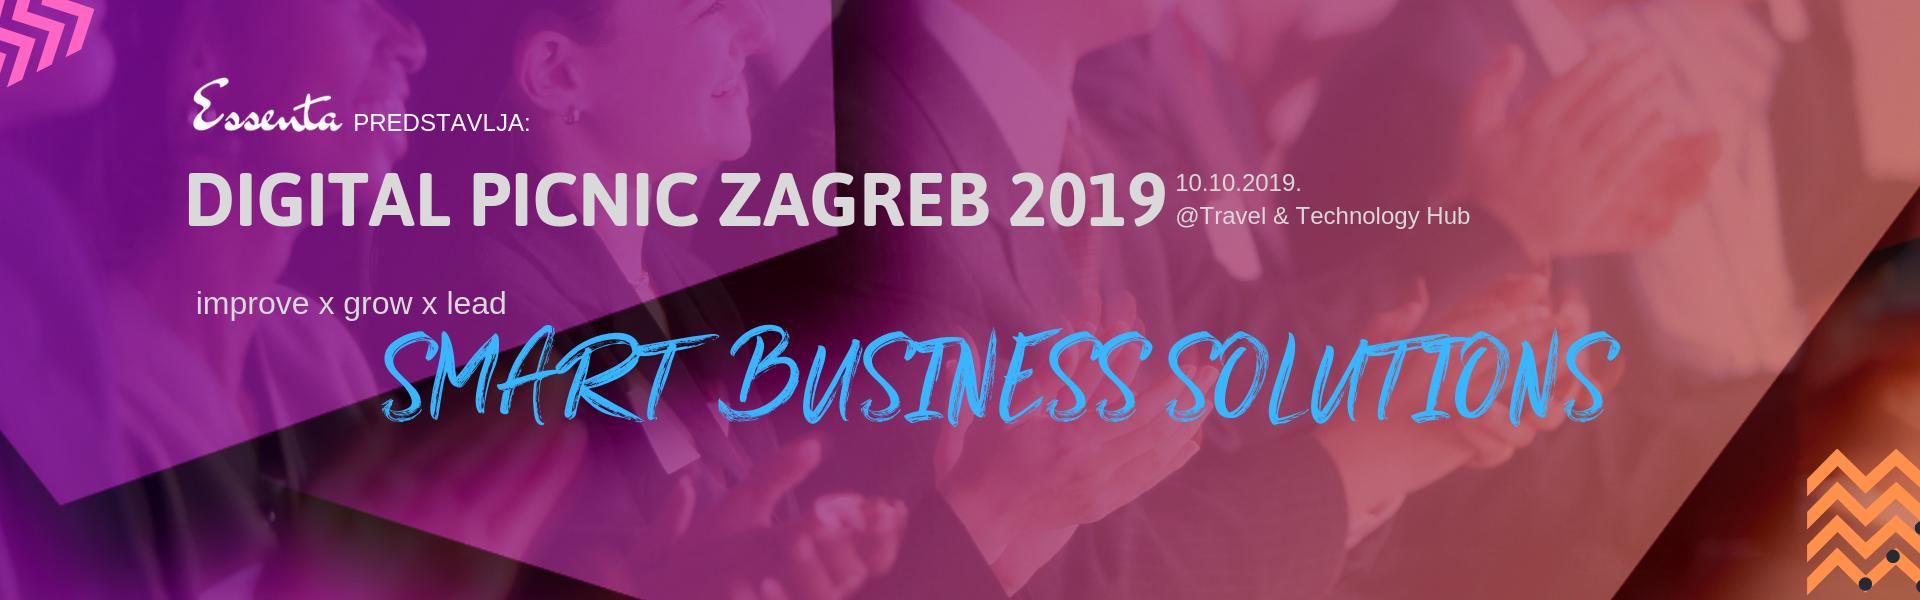 DIGITAL PICNIC ZAGREB 2019